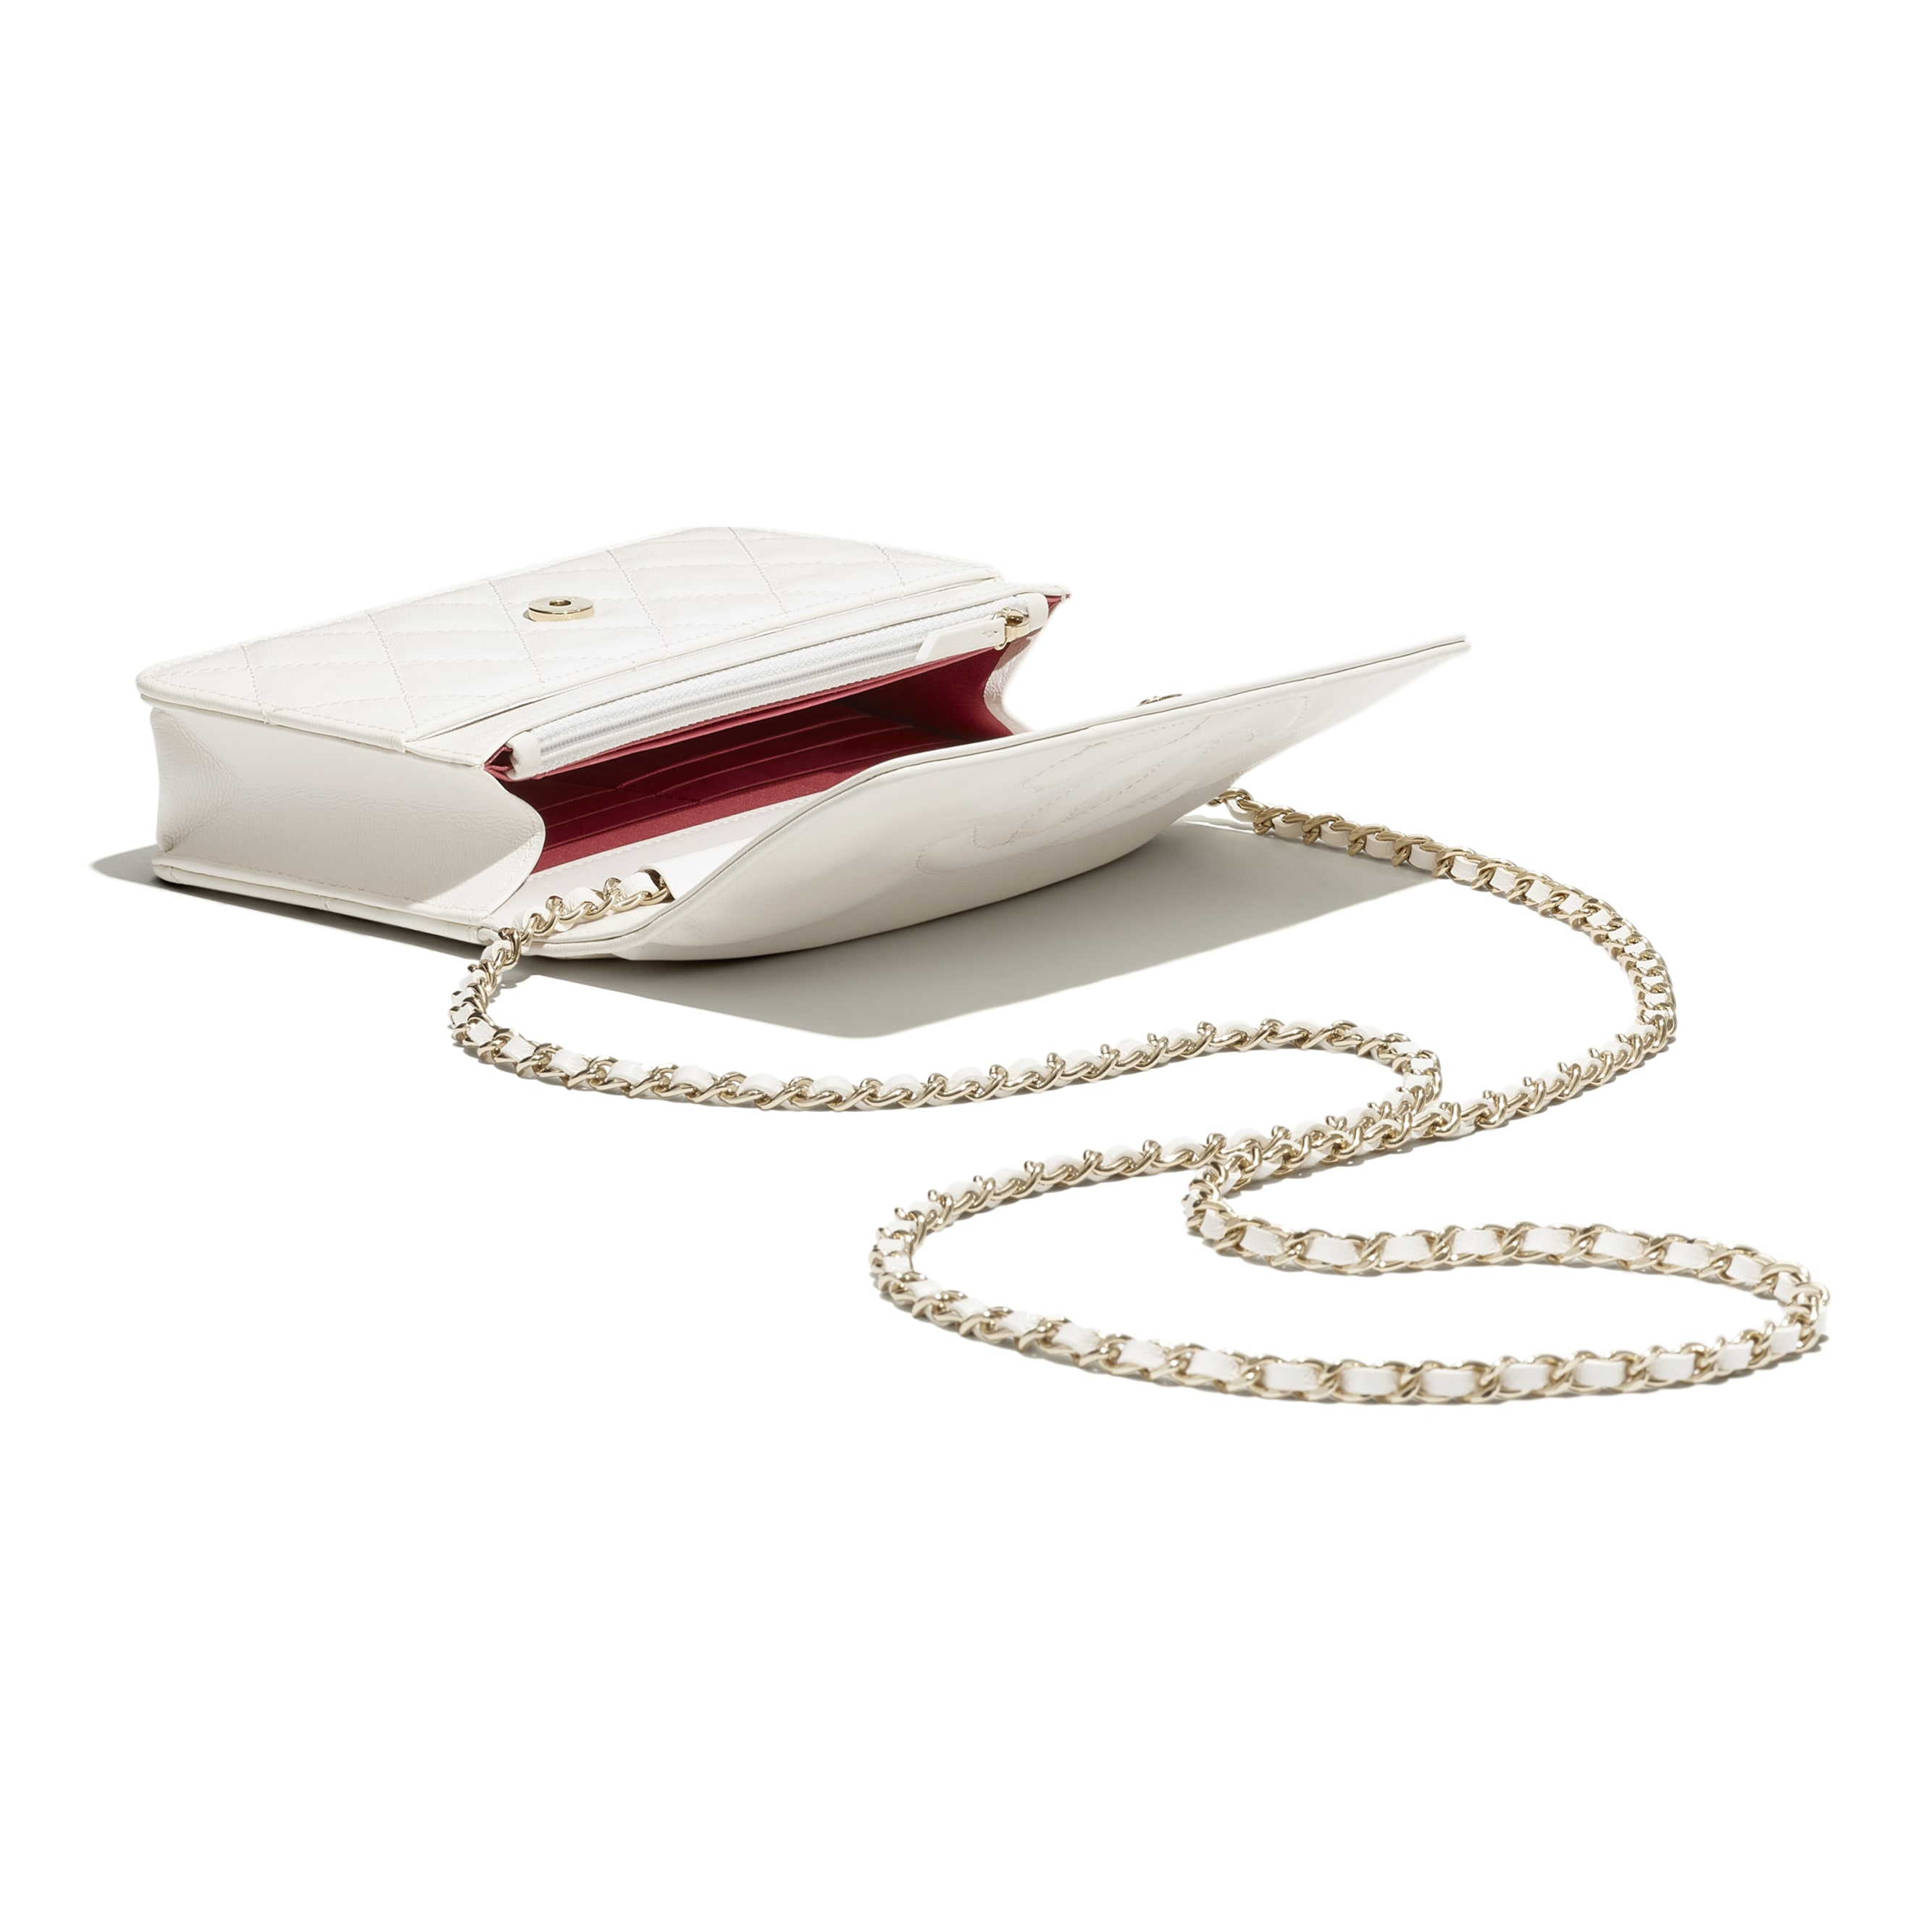 鏈子皮夾 - 白 - 山羊皮與金色調金屬 - CHANEL - 其他視圖 - 查看標準尺寸版本